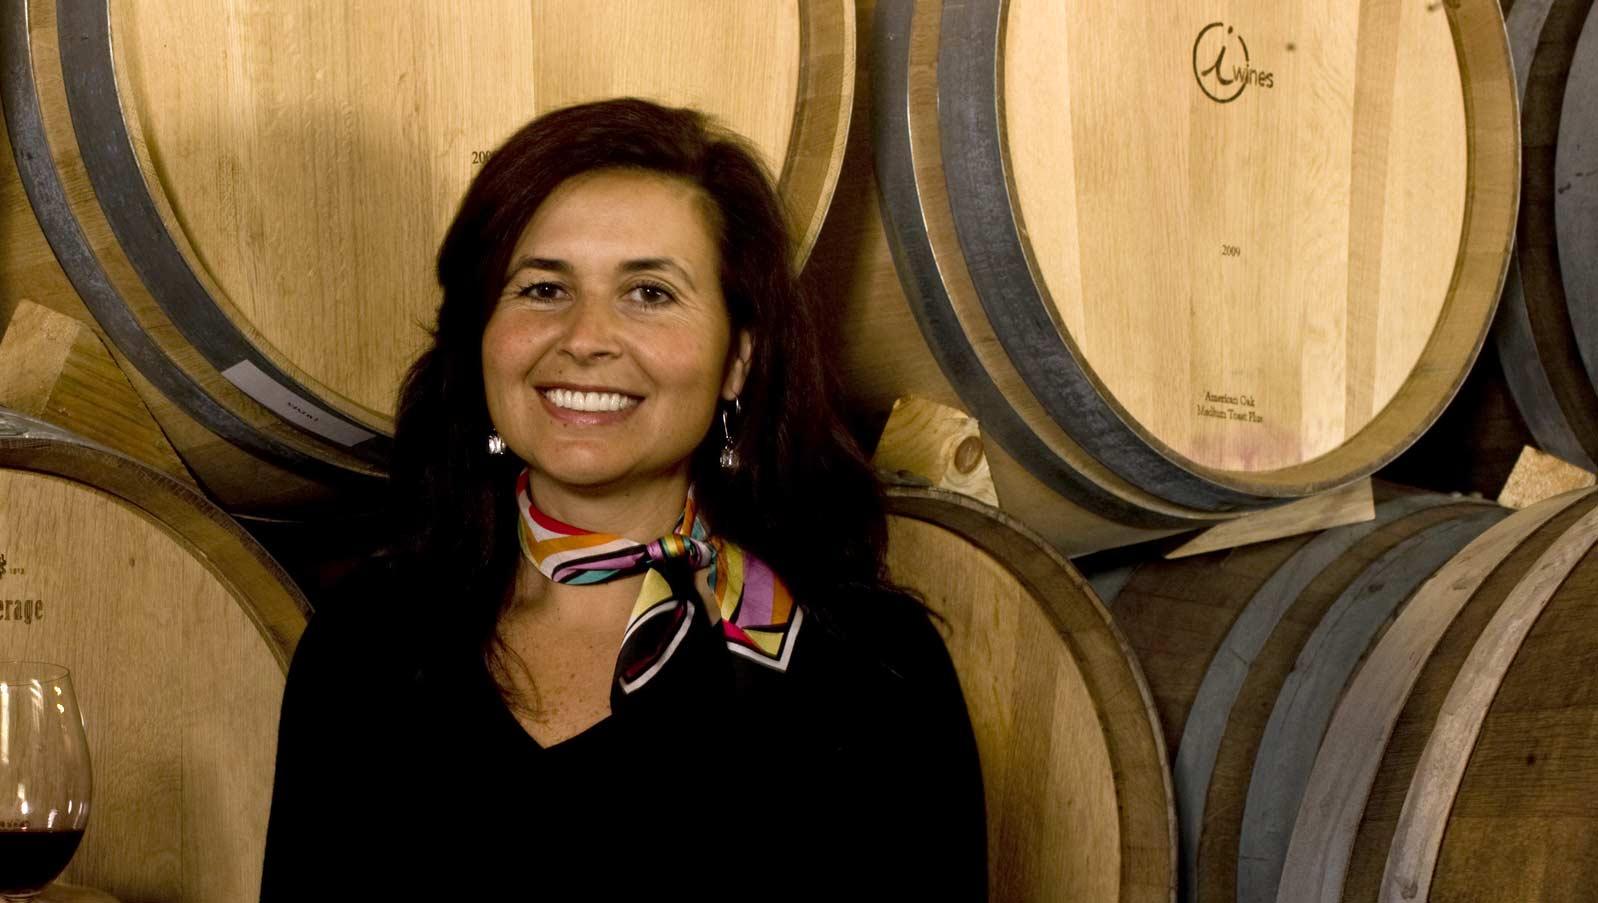 Irene Paiva